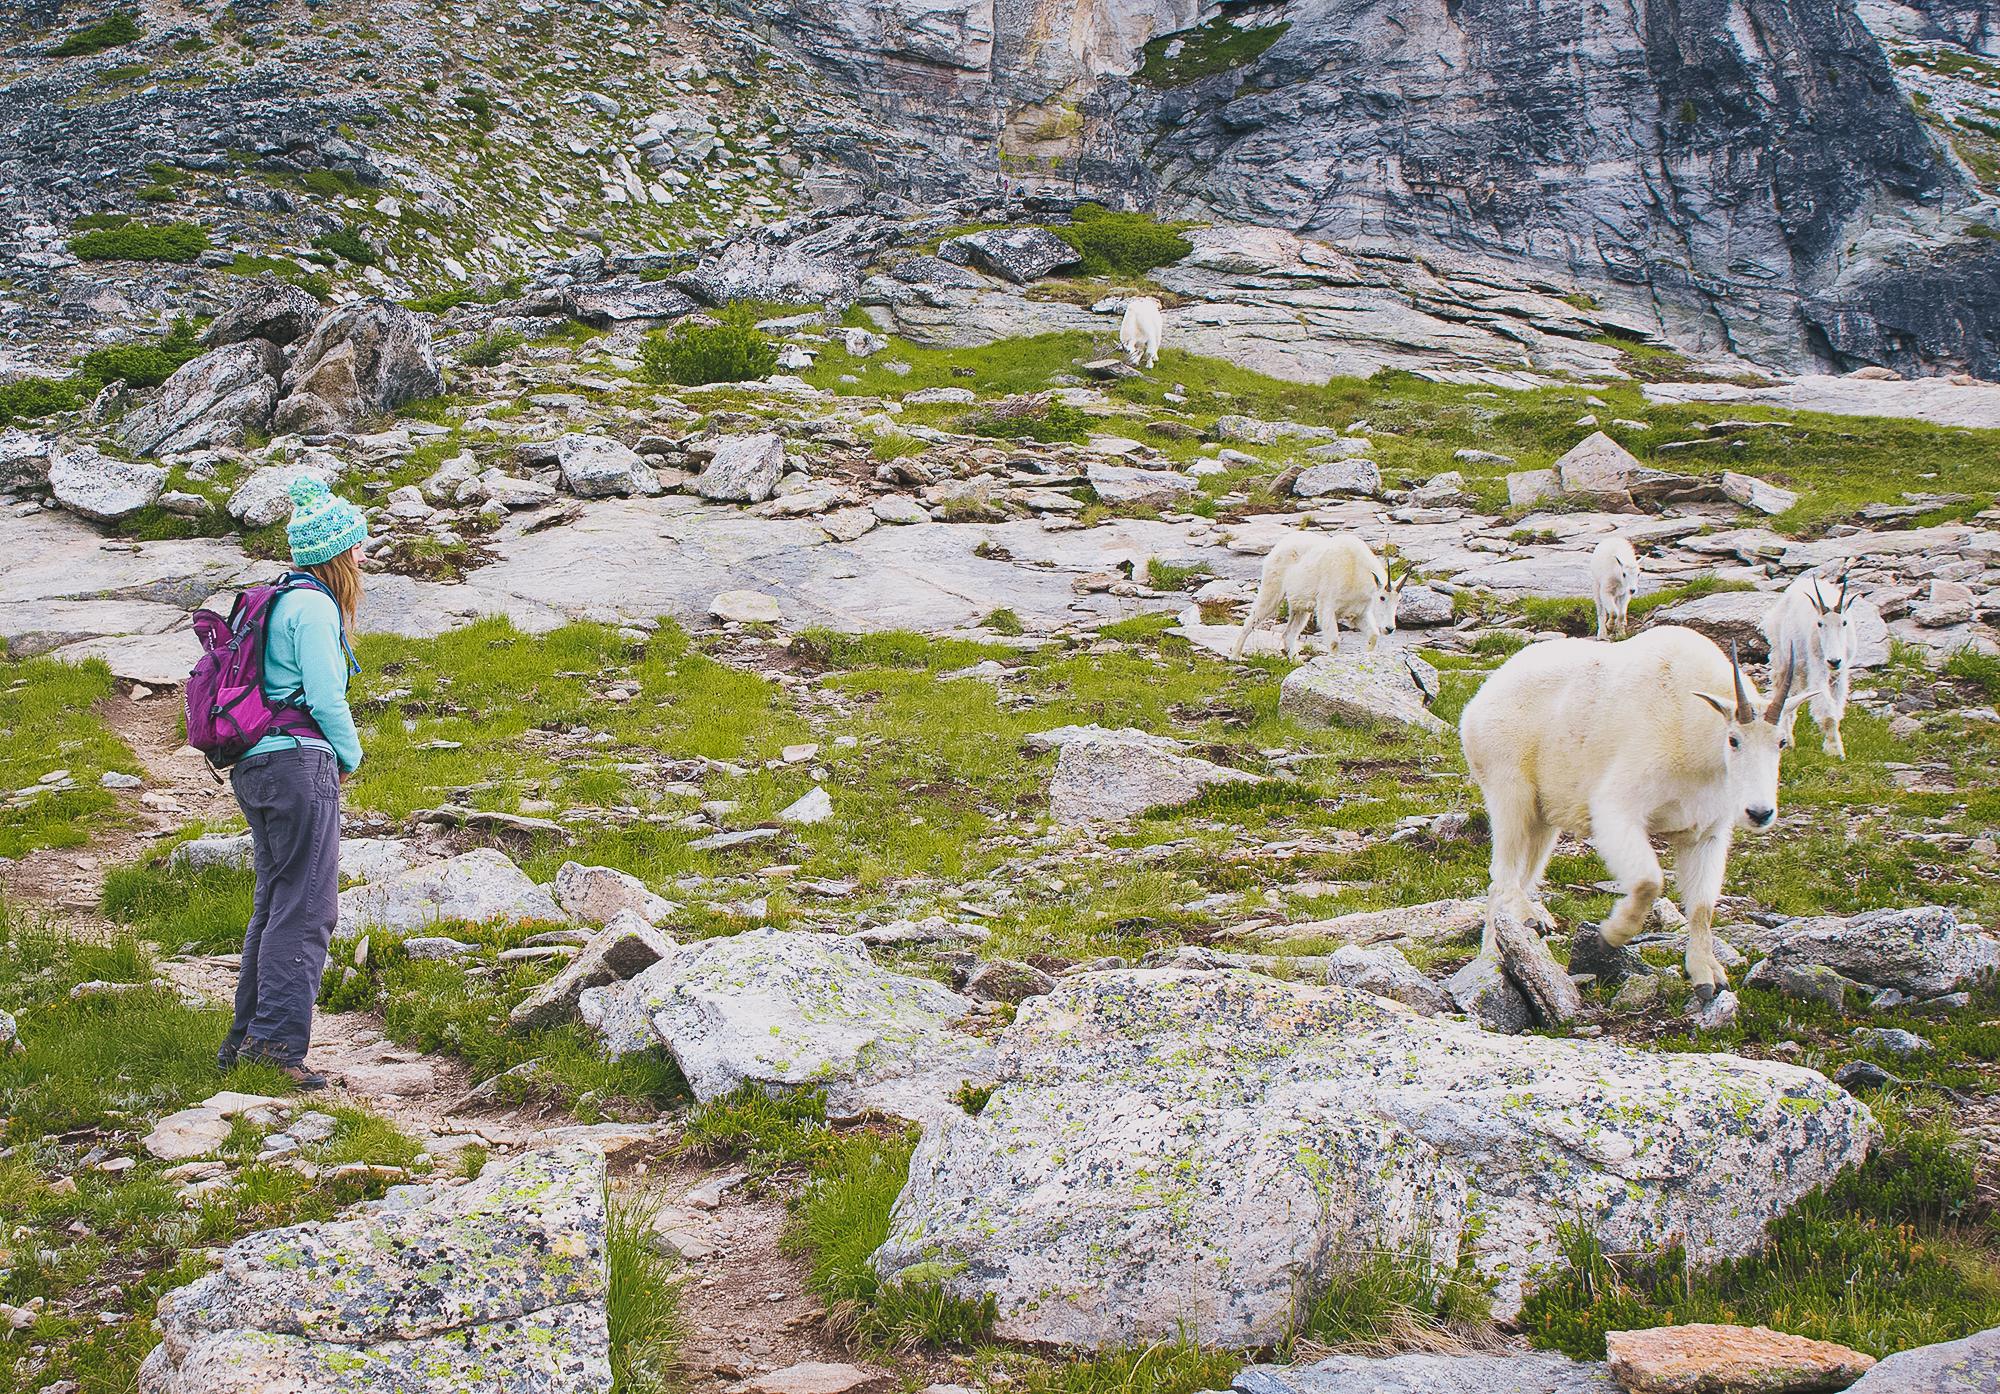 Goats Gina www.boulderingnonline.pl Rock Climbing News